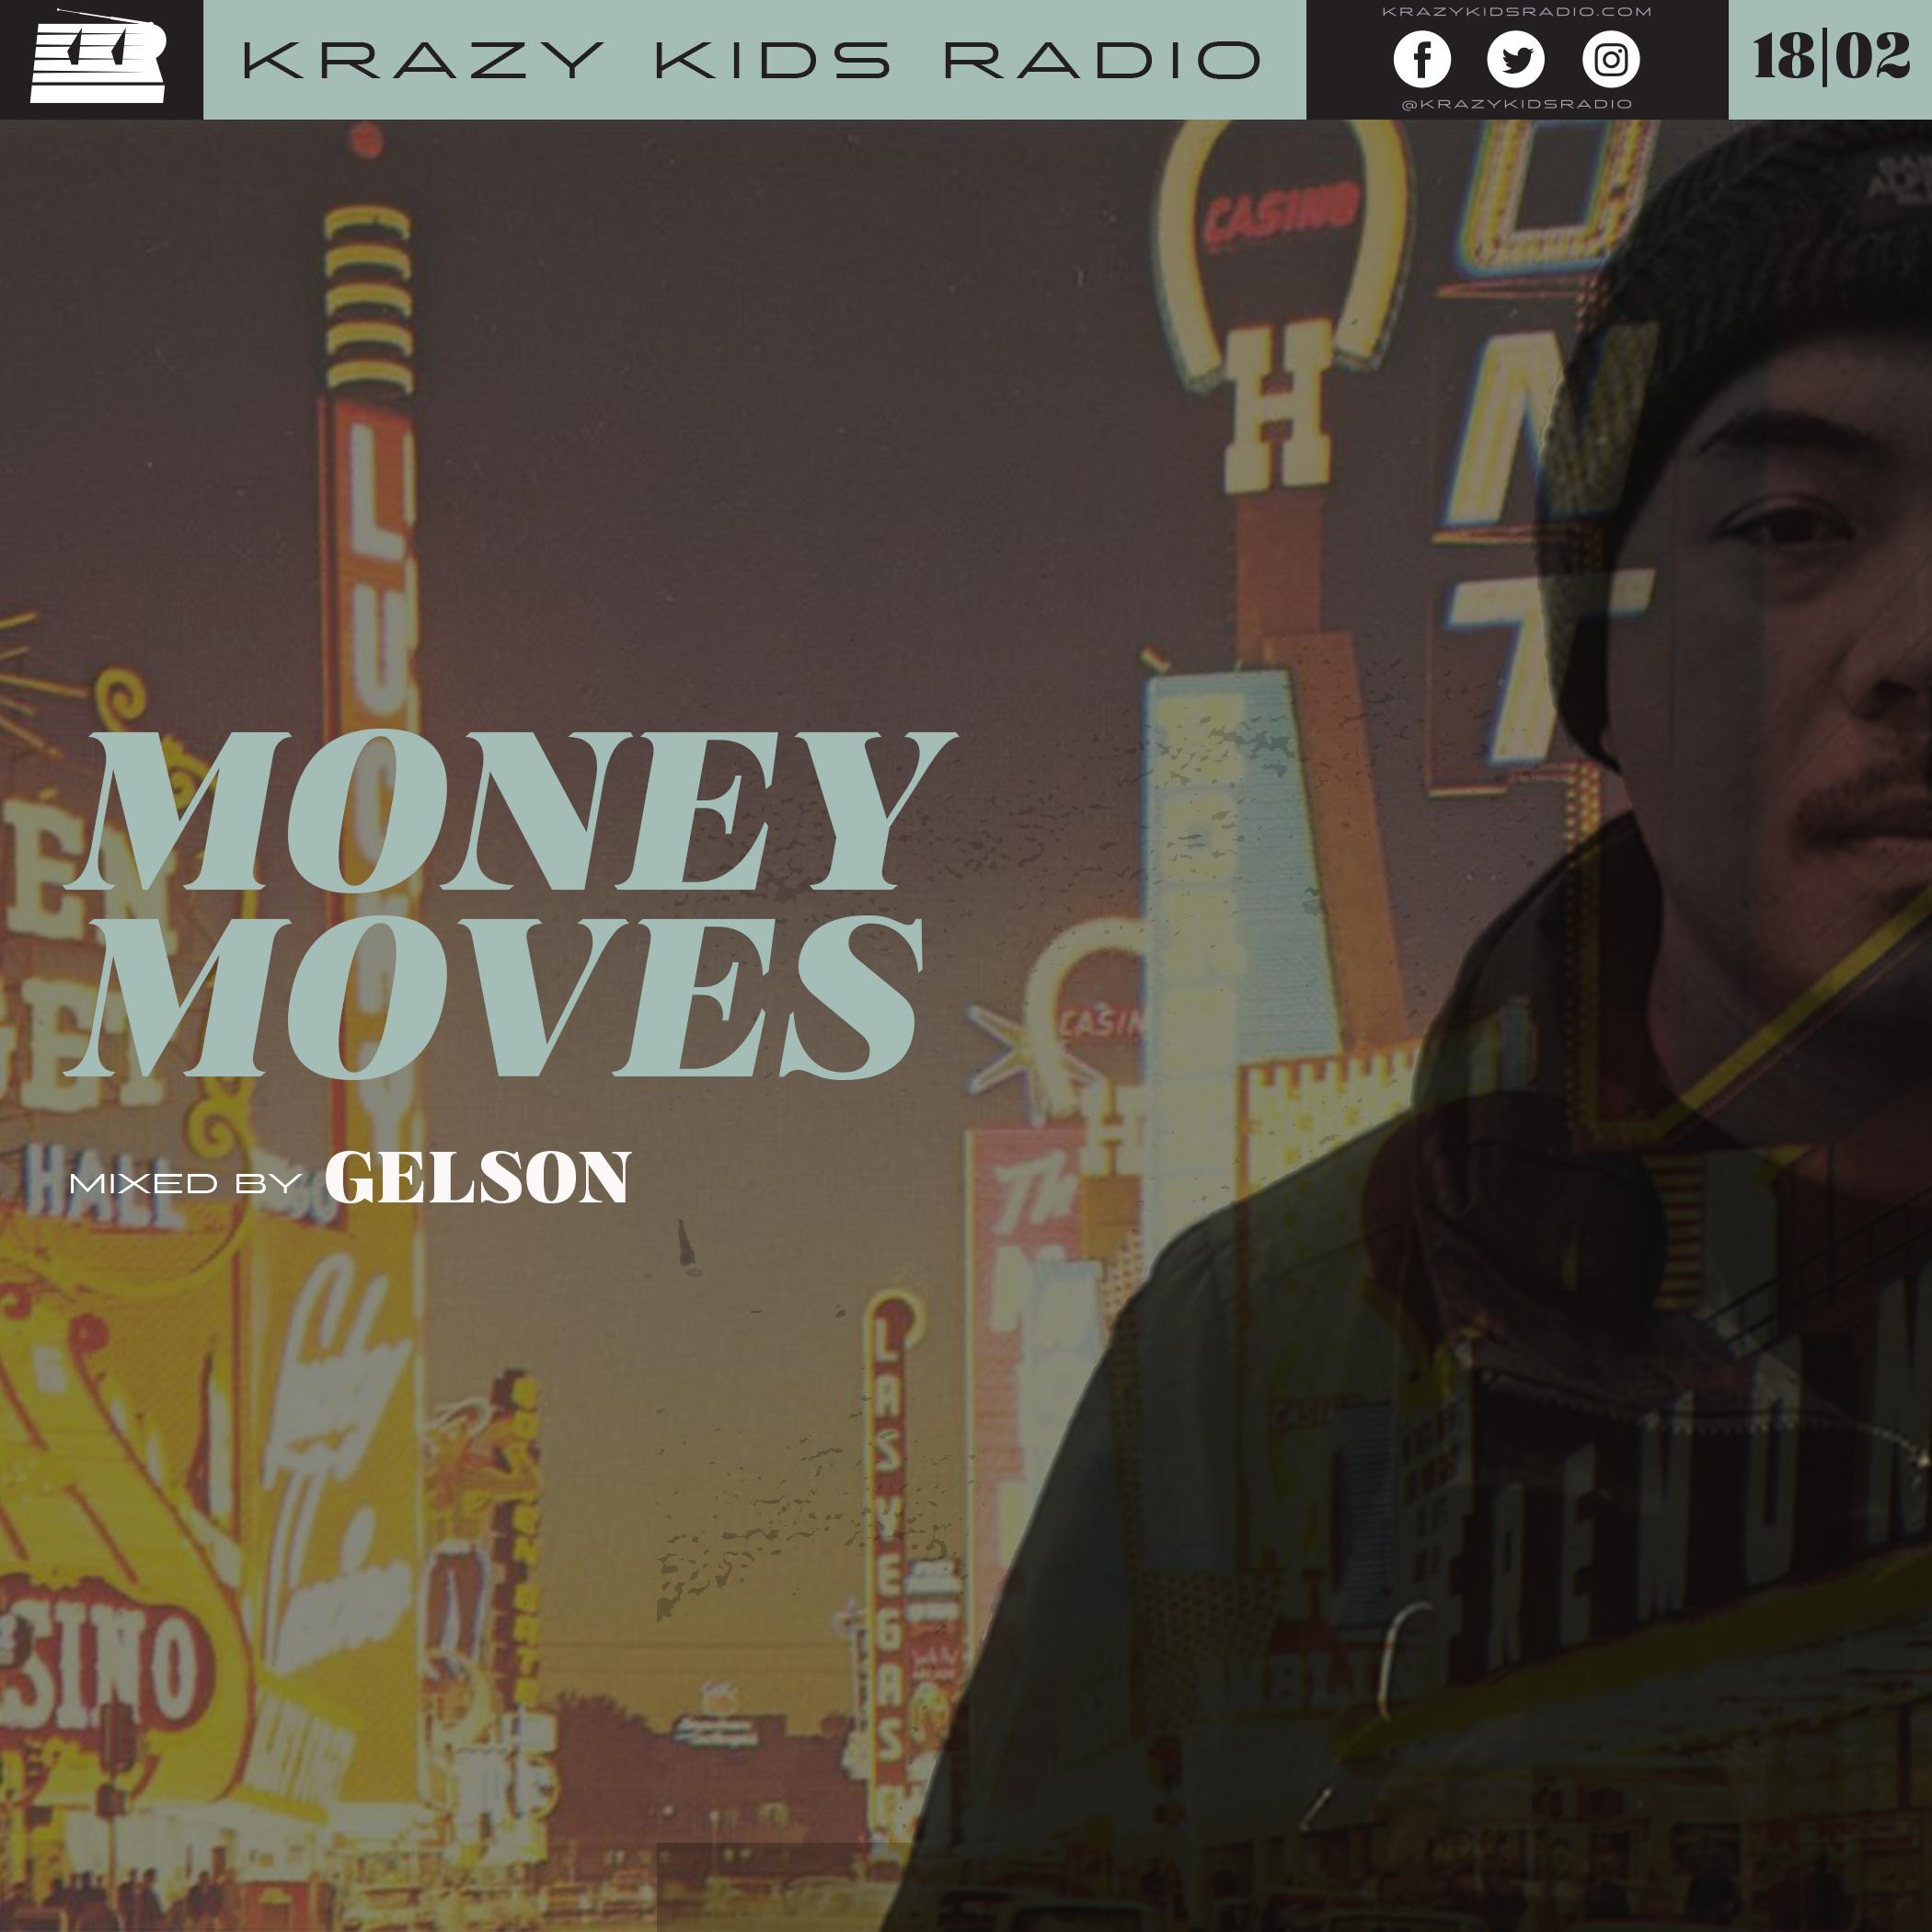 KKR_MONEY-MOVES.jpg